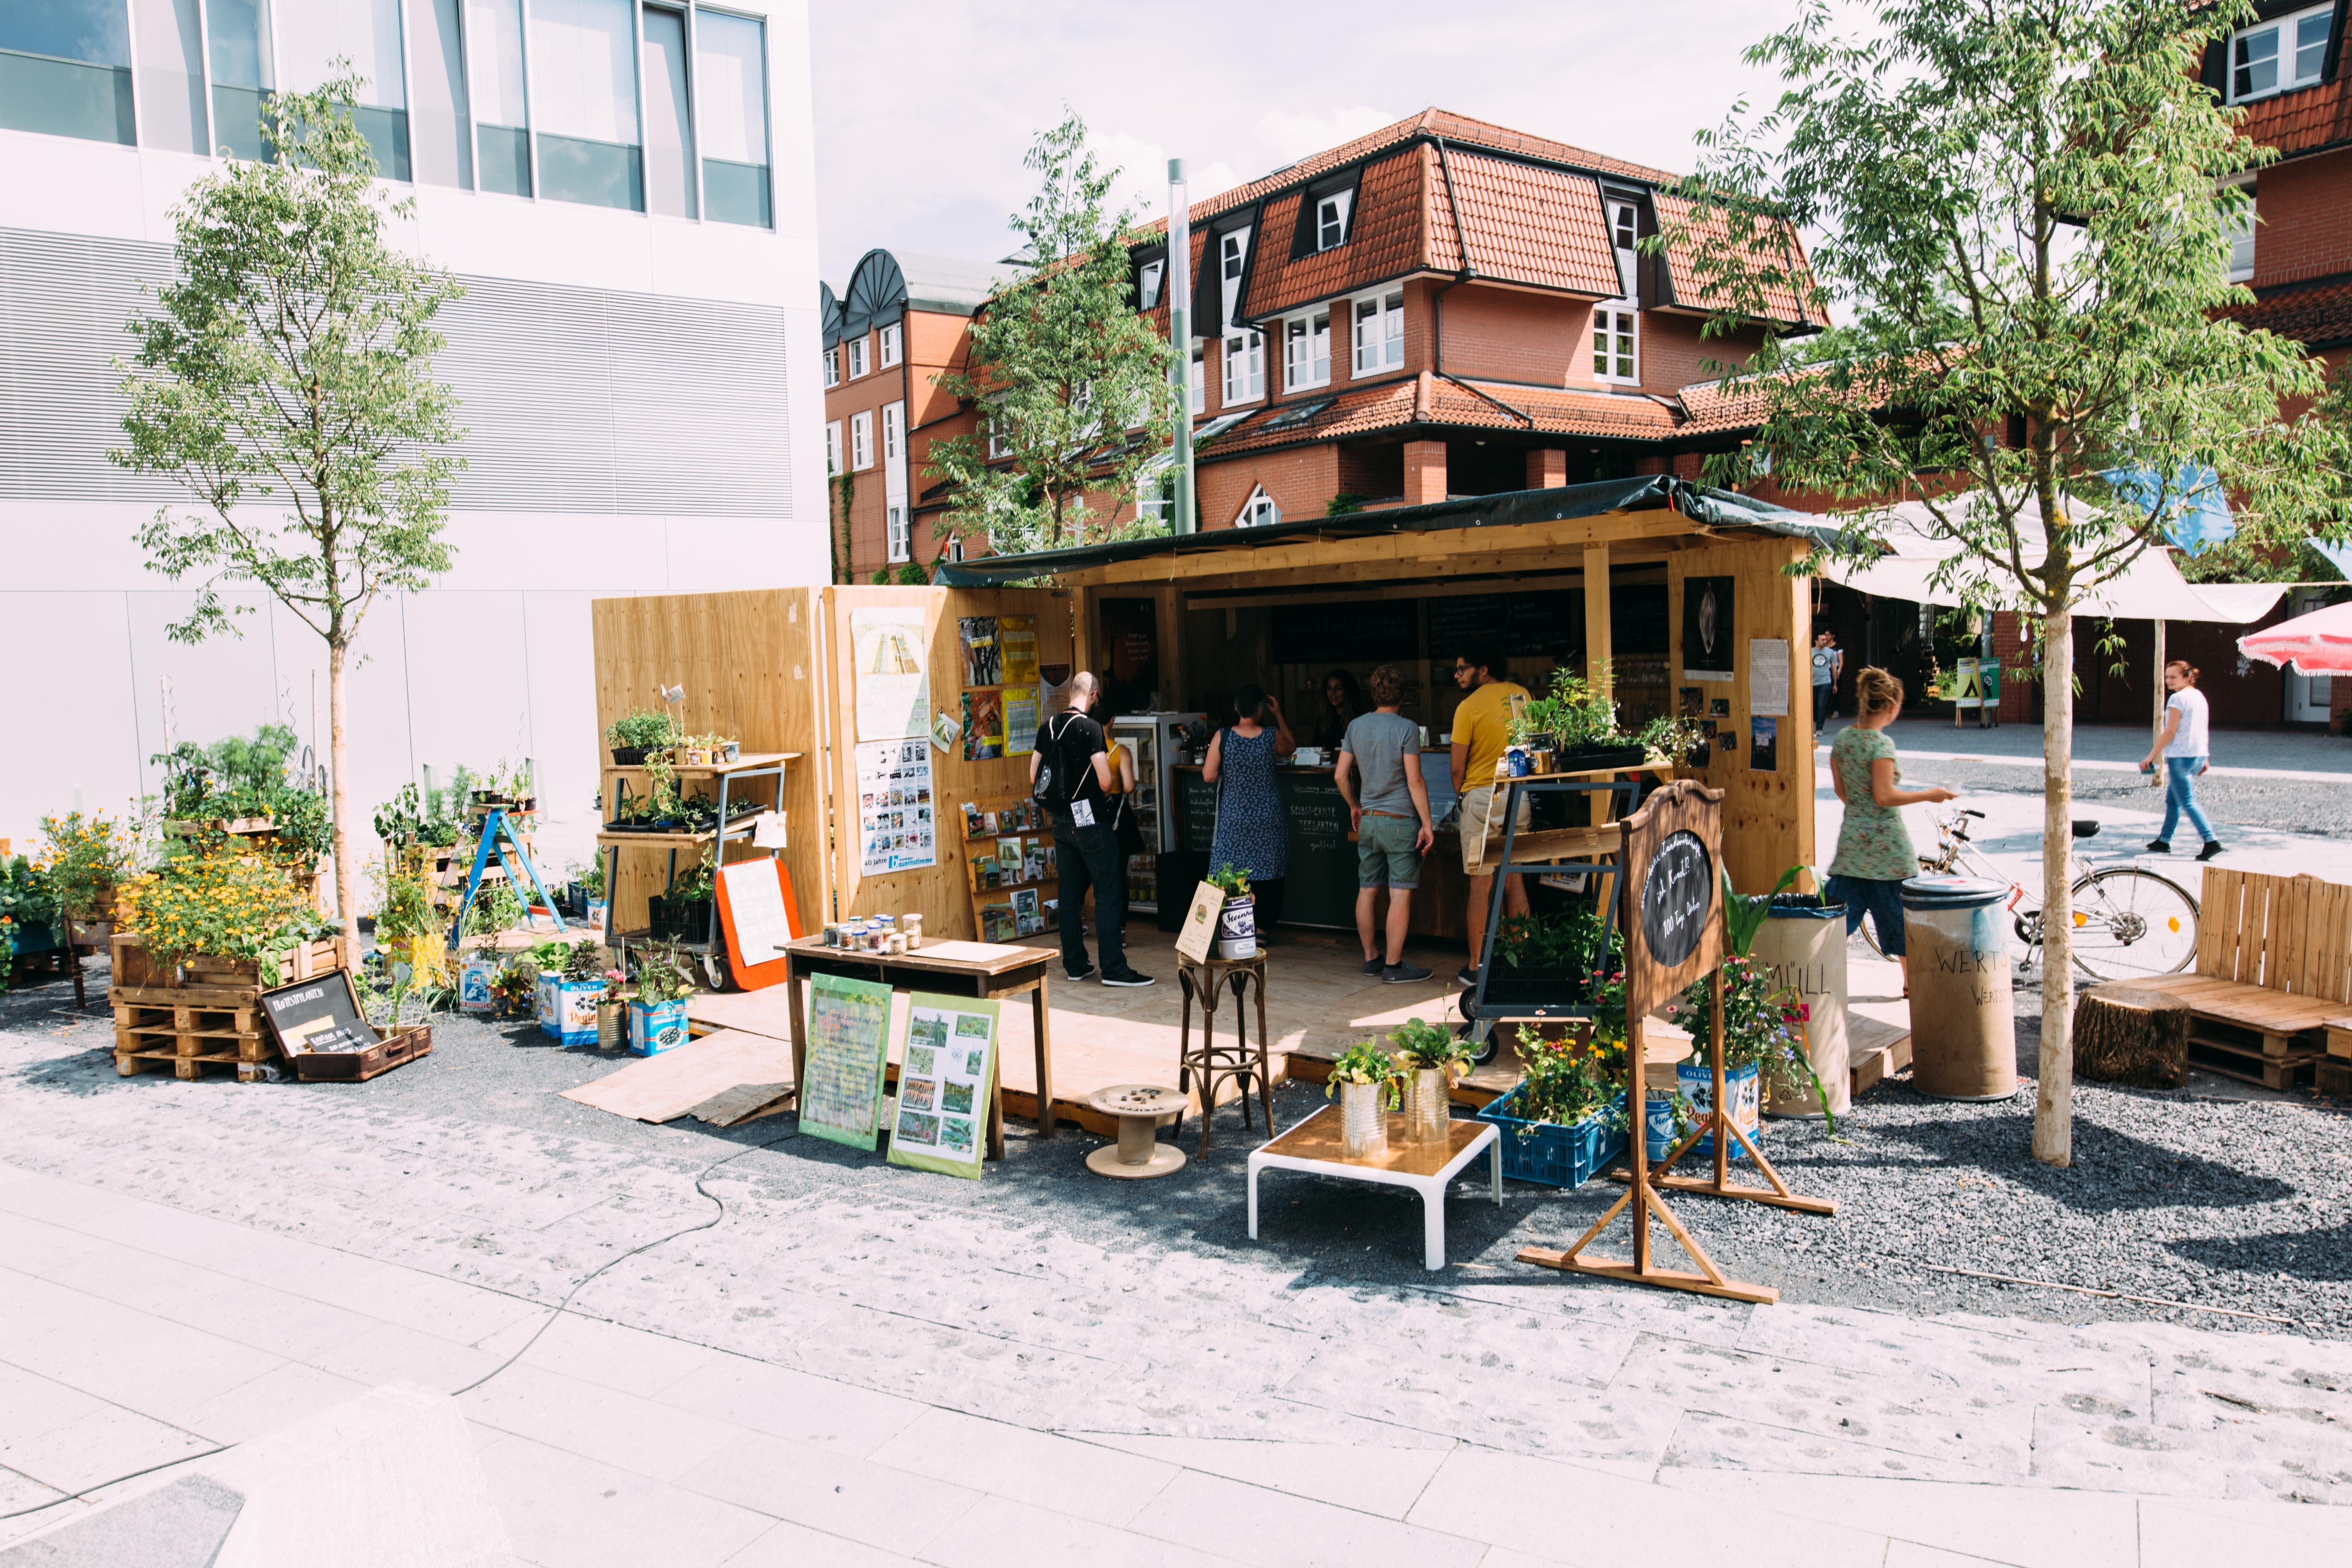 Urban Gardening Archive - Schweisfurth Stiftung Fair zu Mensch und Tier